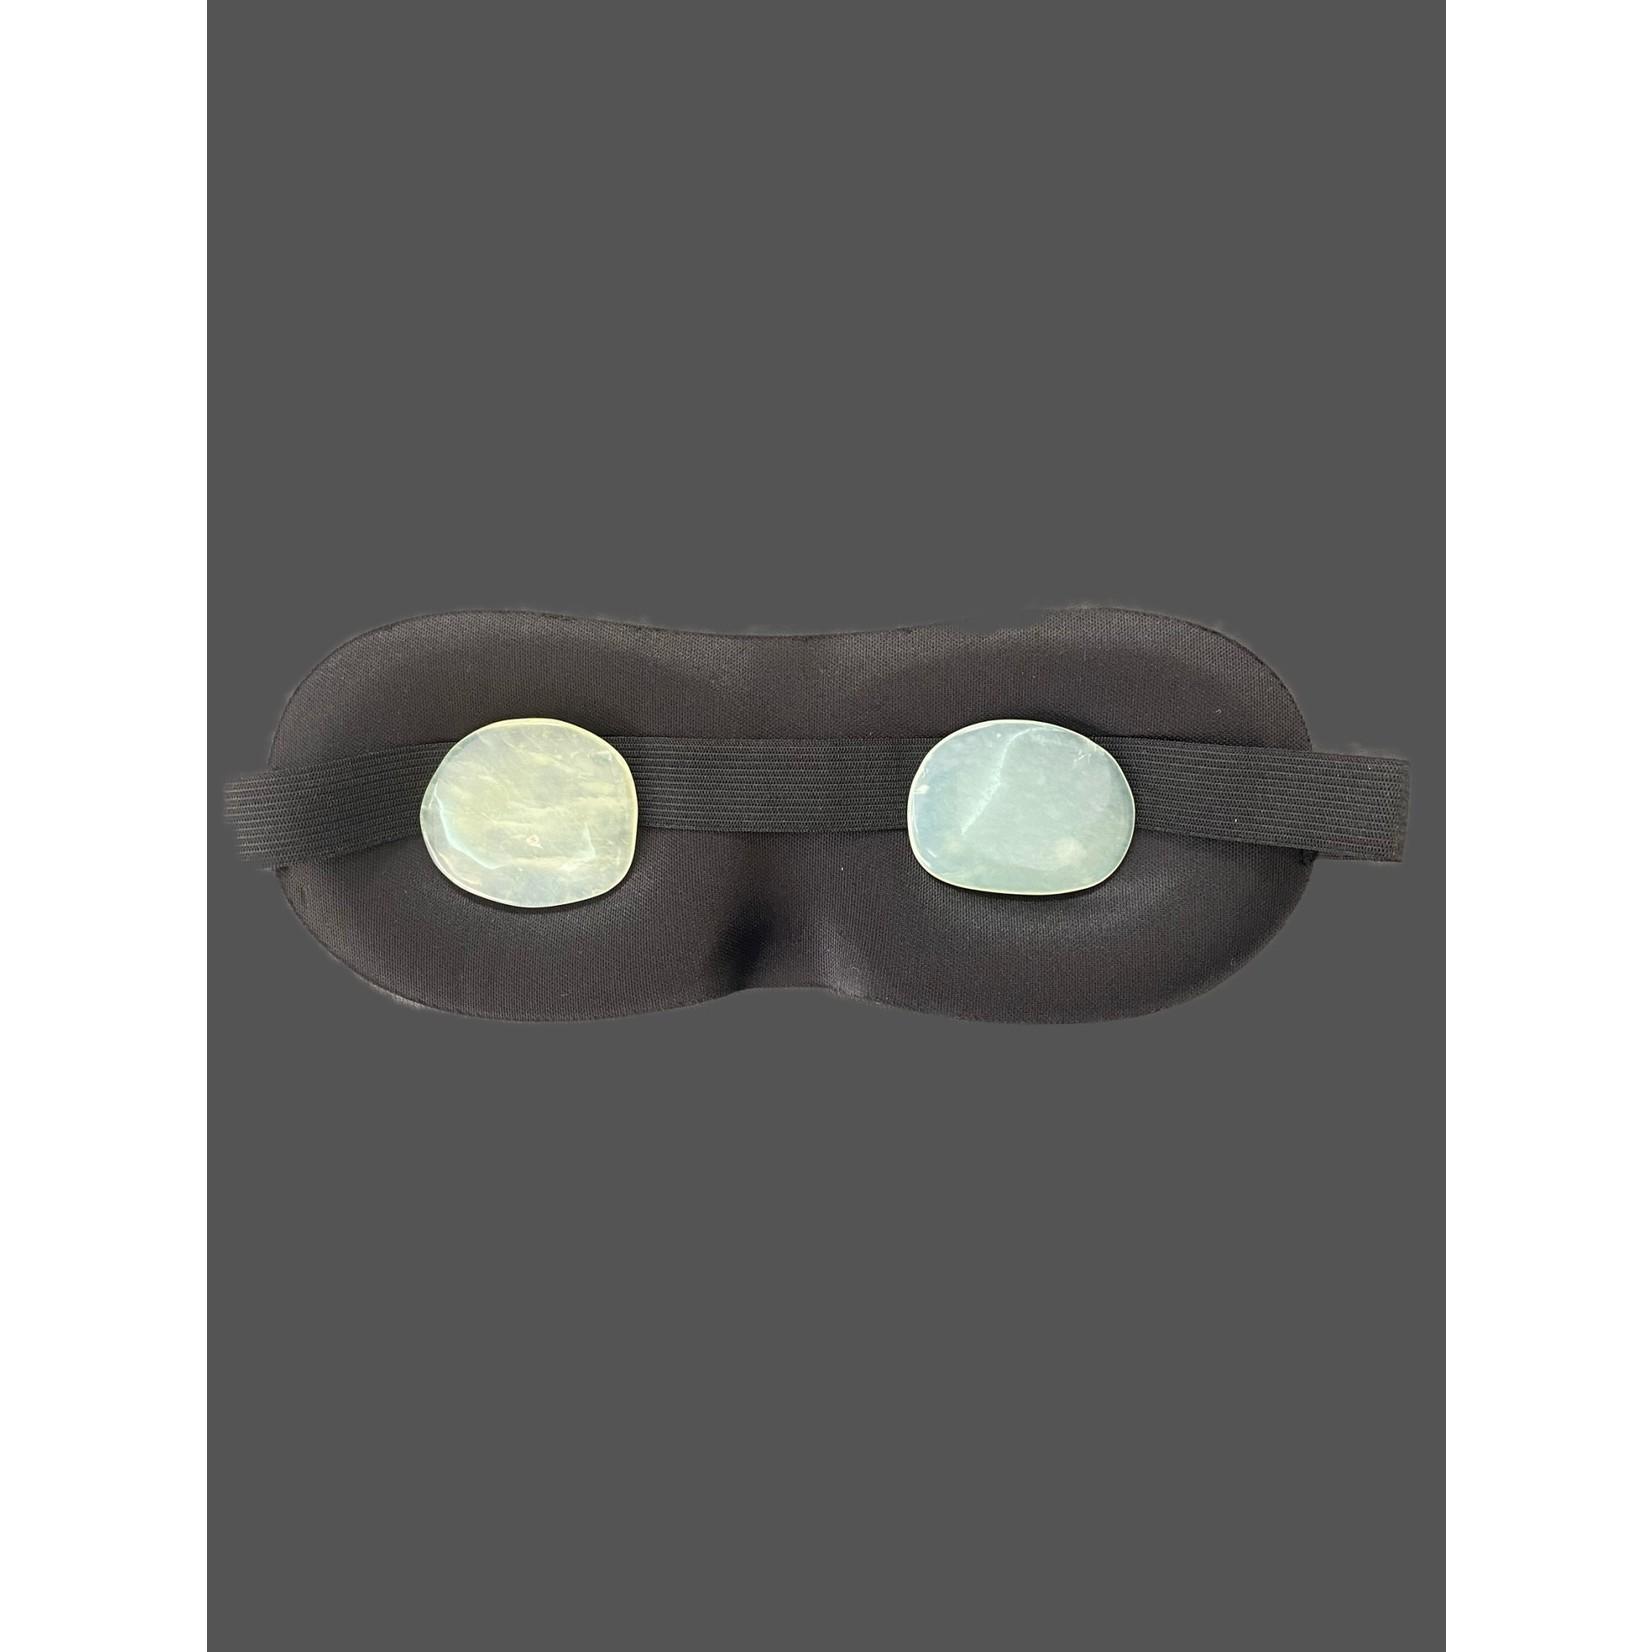 Antifaz terapia ocular